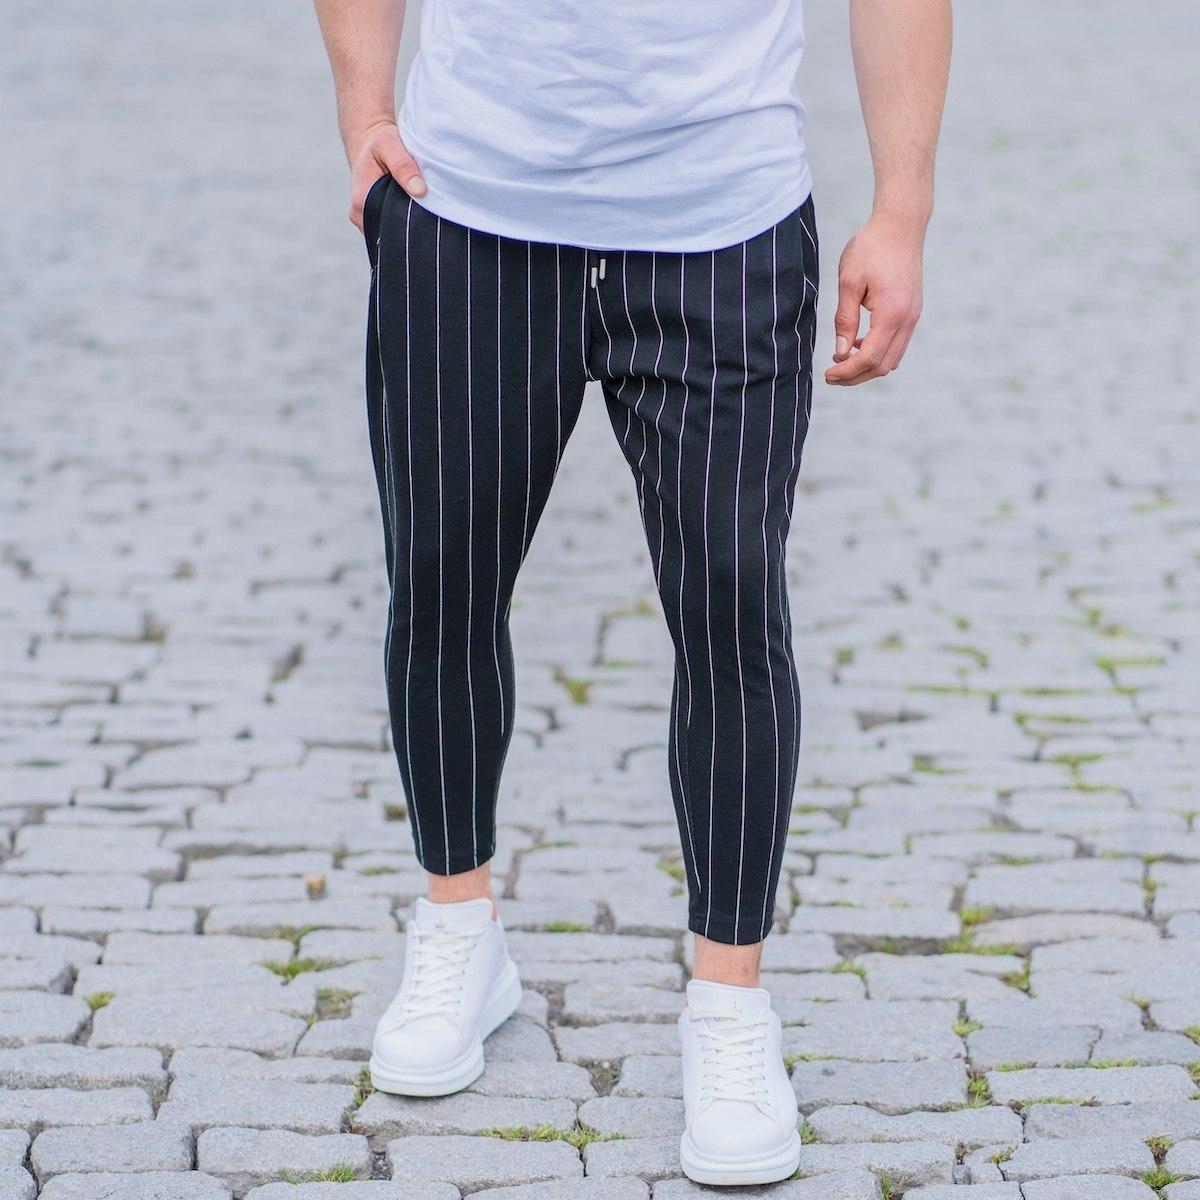 Men's Narrow Striped Shalvar In Black